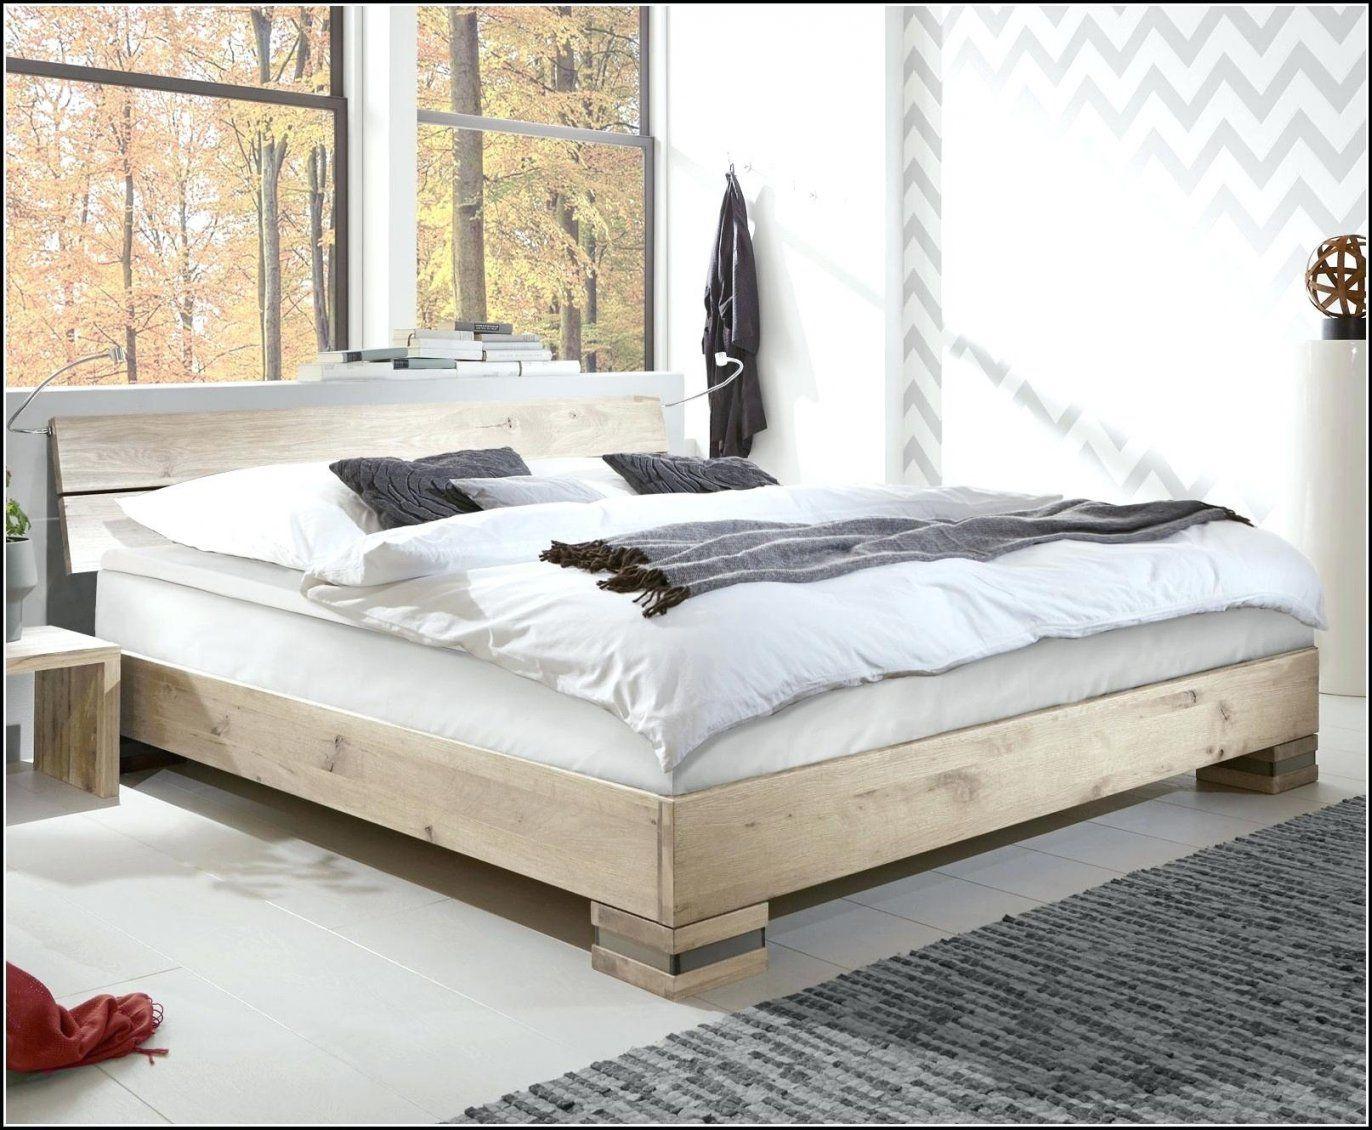 Kinderbett Mit Bettkasten Bett 120×200 Polsterbett Weiss Nett Betten von Bett 120X200 Weiß Ikea Bild